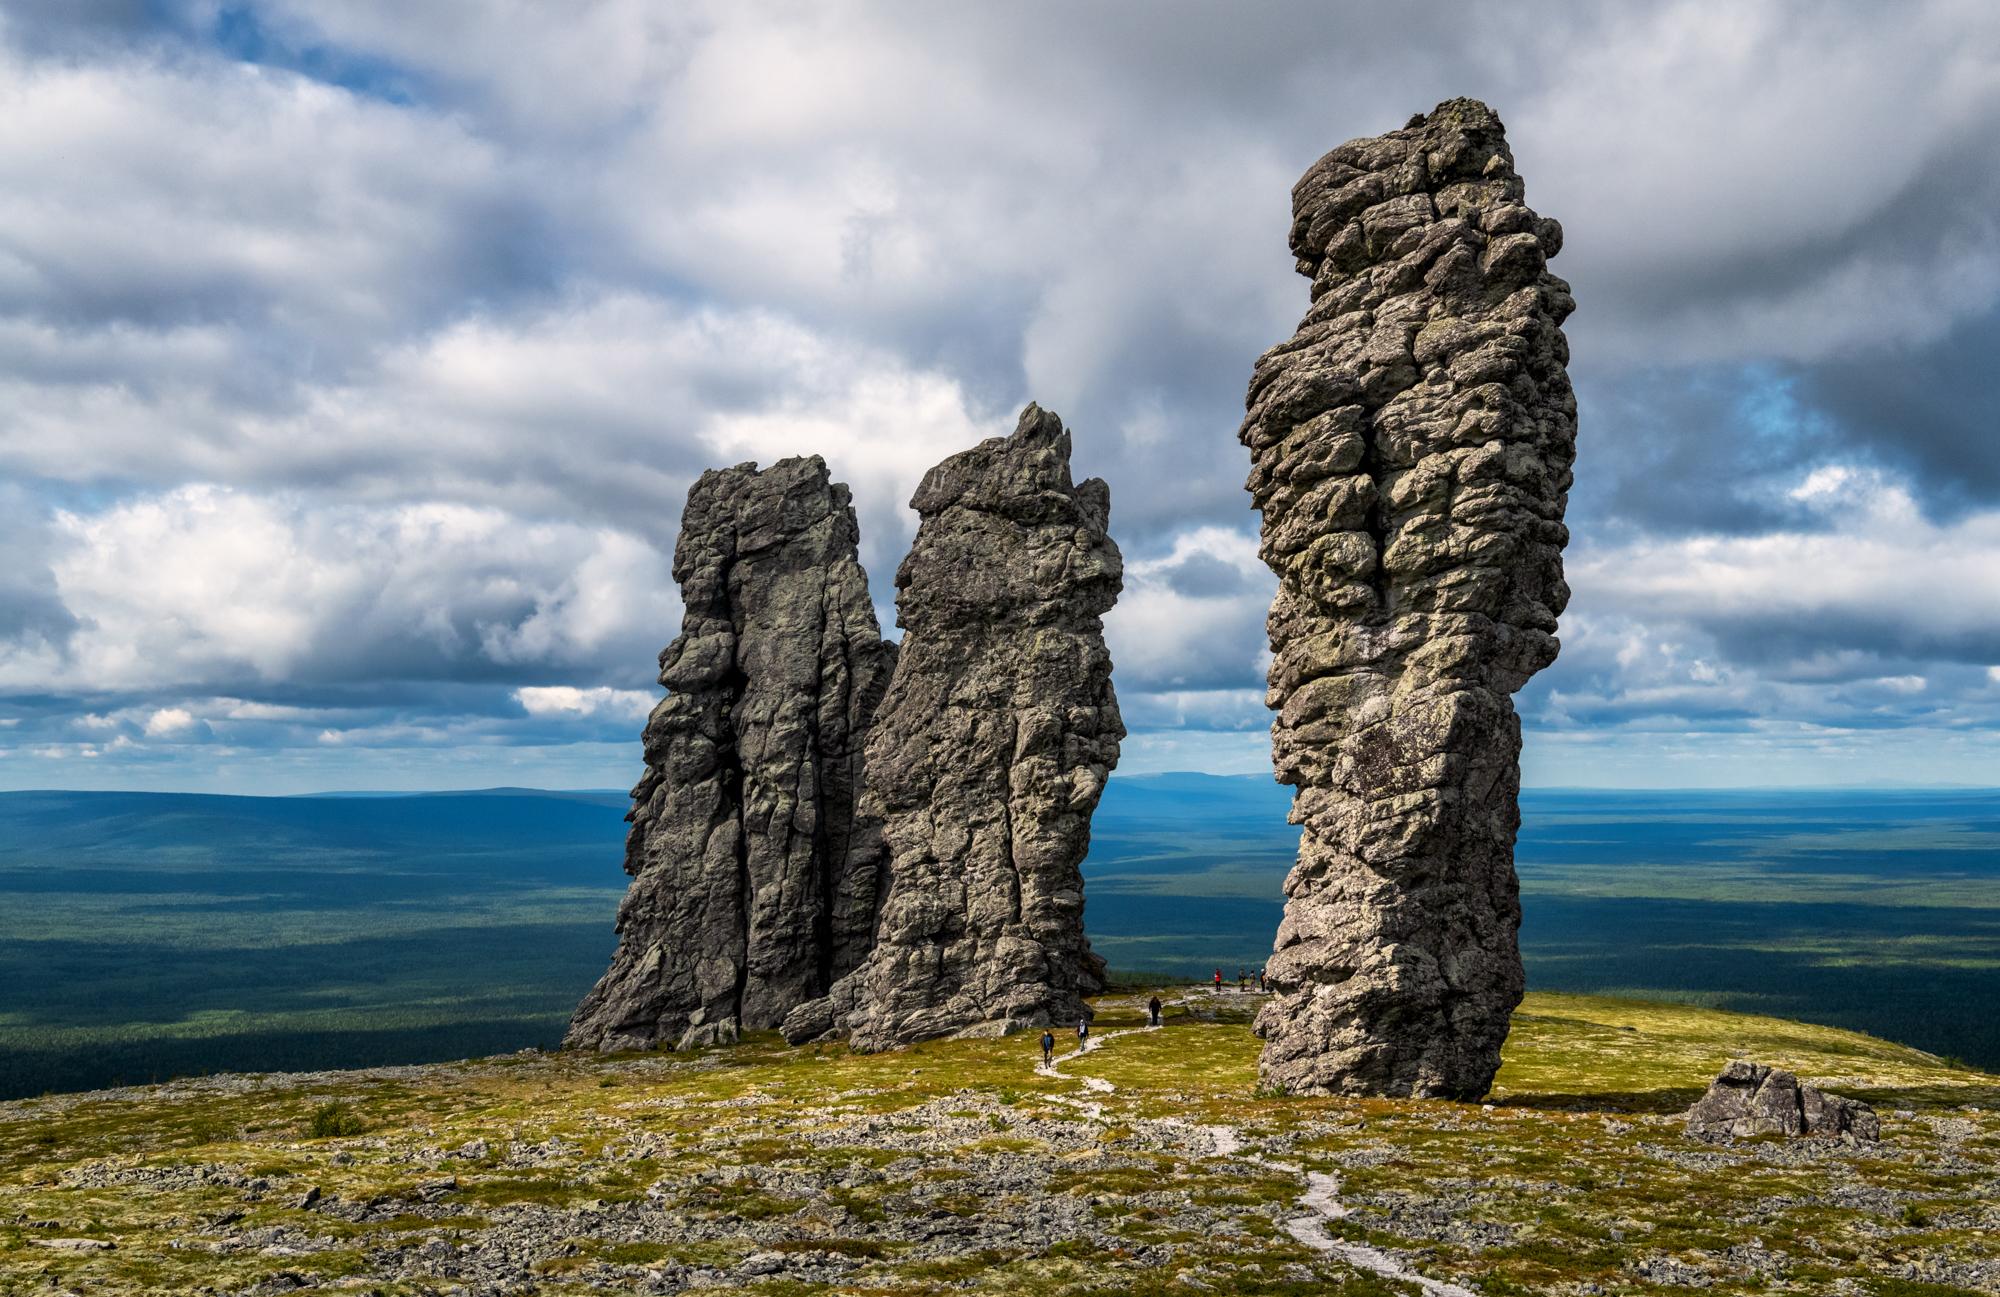 Маньпупунер - самая крутая достопримечательность России самая, достопримечательность, России, создала, природа, стране, версию, «крутая», природная, Маньпупунер, Байкал, нашей, какая, озеро, Входит, спрошу, чудес, Представьте, лысую, которое